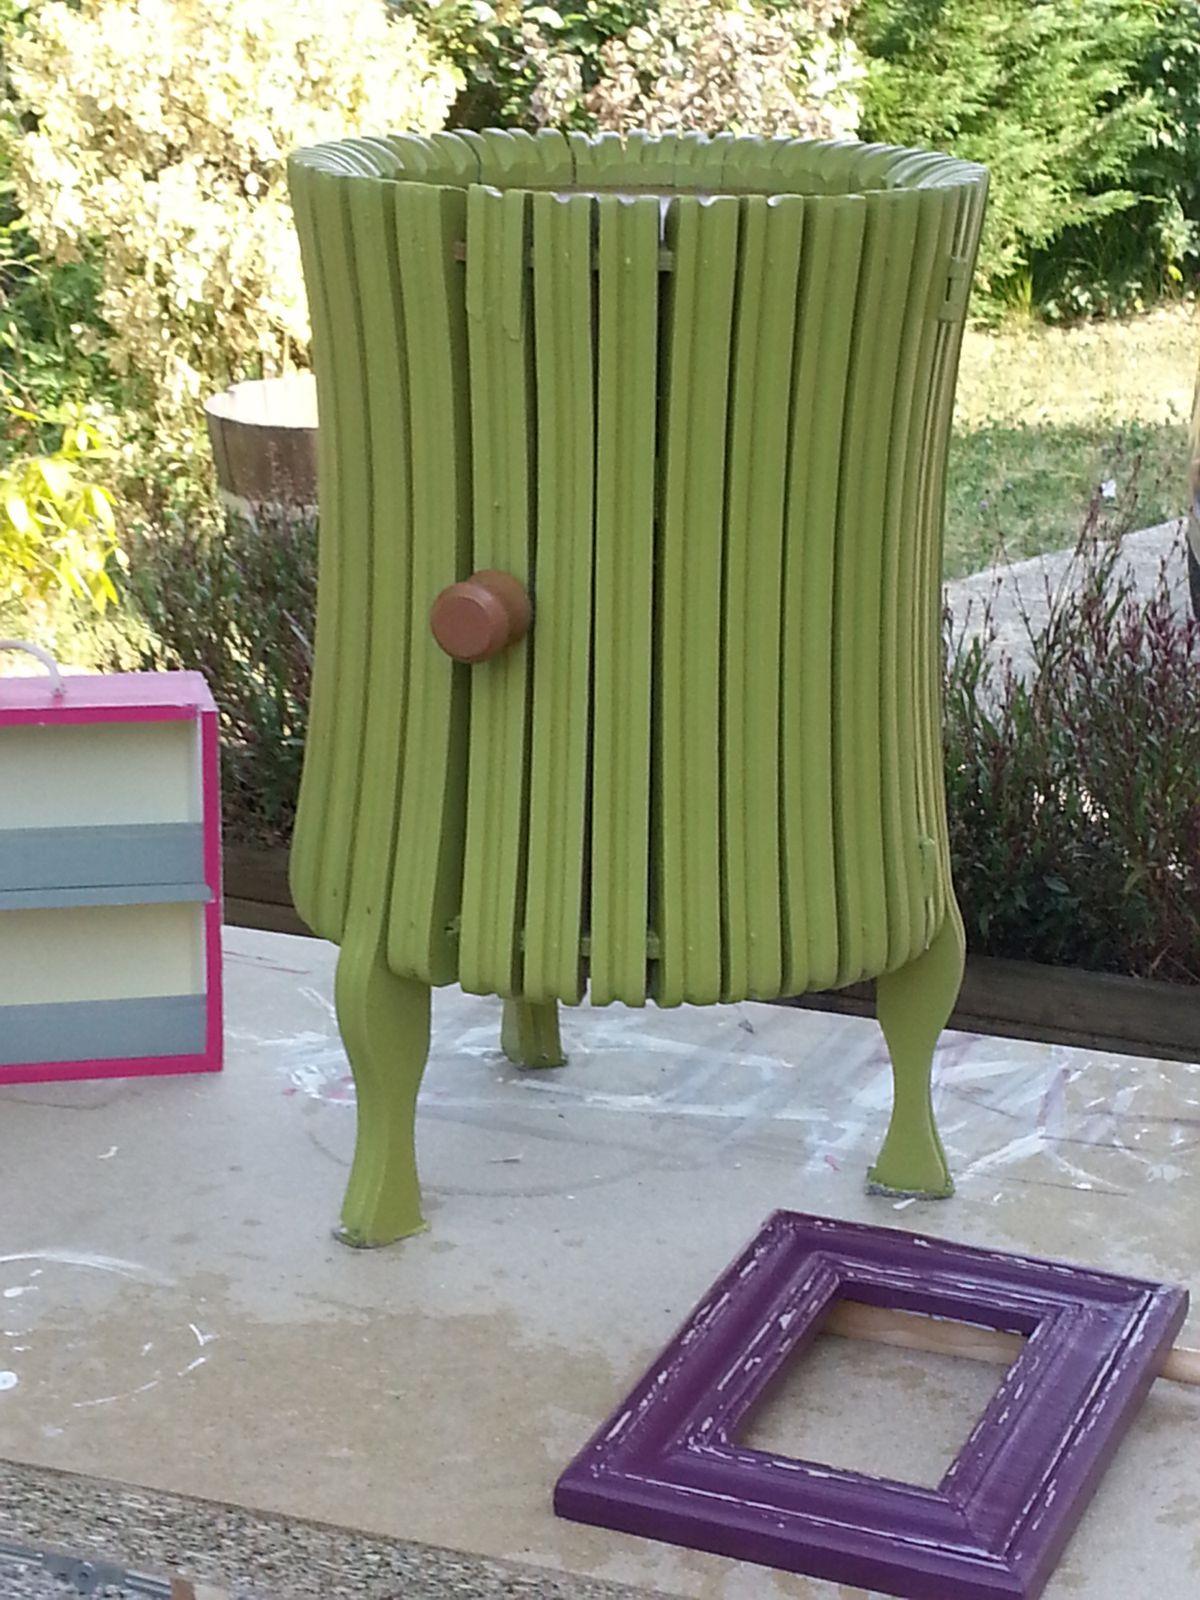 Nouvelles couleurs de l 39 automne relooker relouk relooking peindre - Relooking meuble bordeaux ...